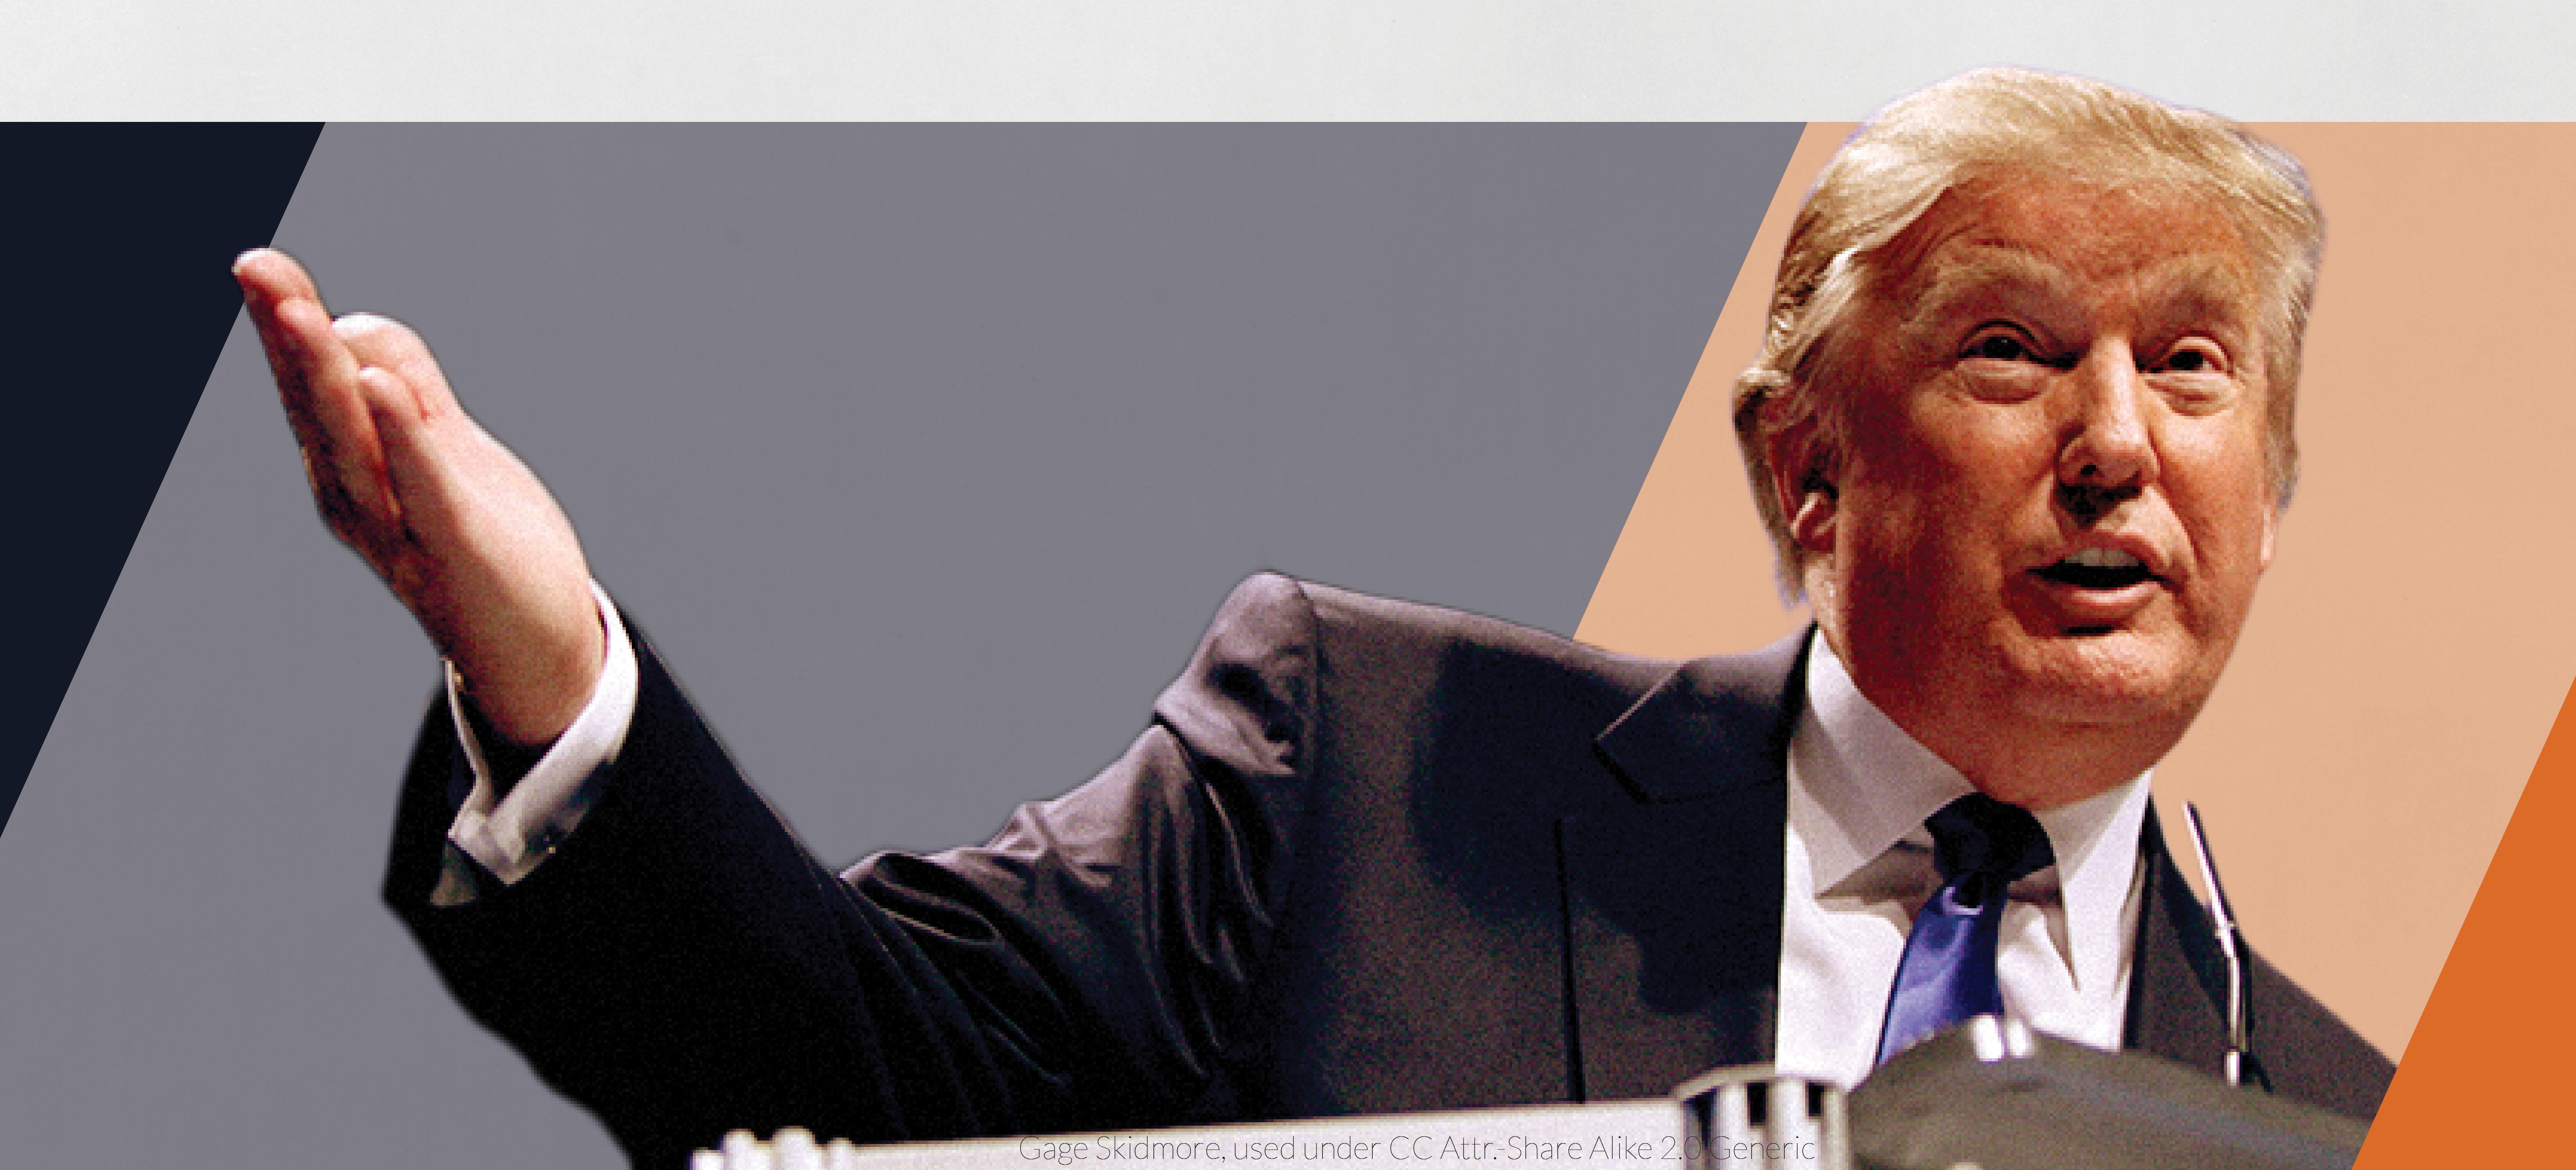 Donald Trump on stylized blue and orange background.